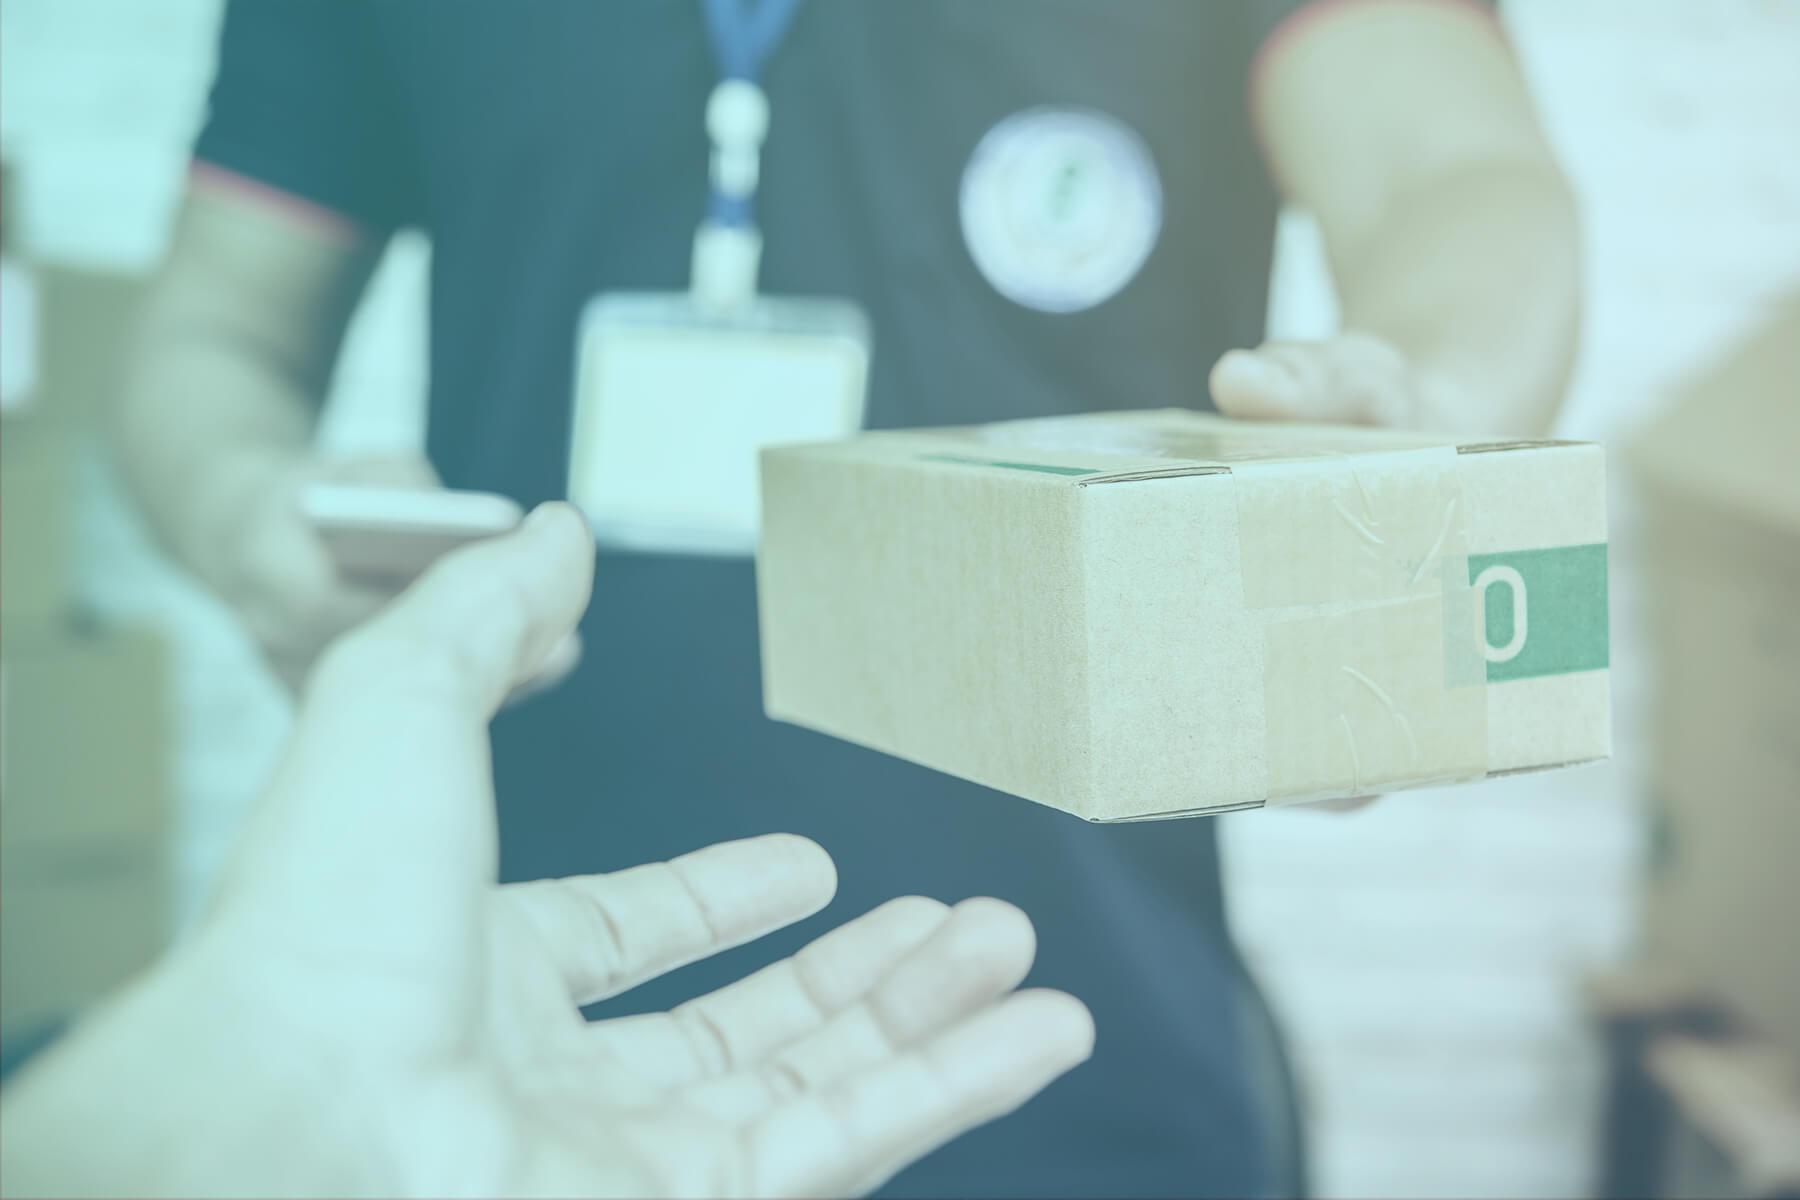 preberanie balíčka